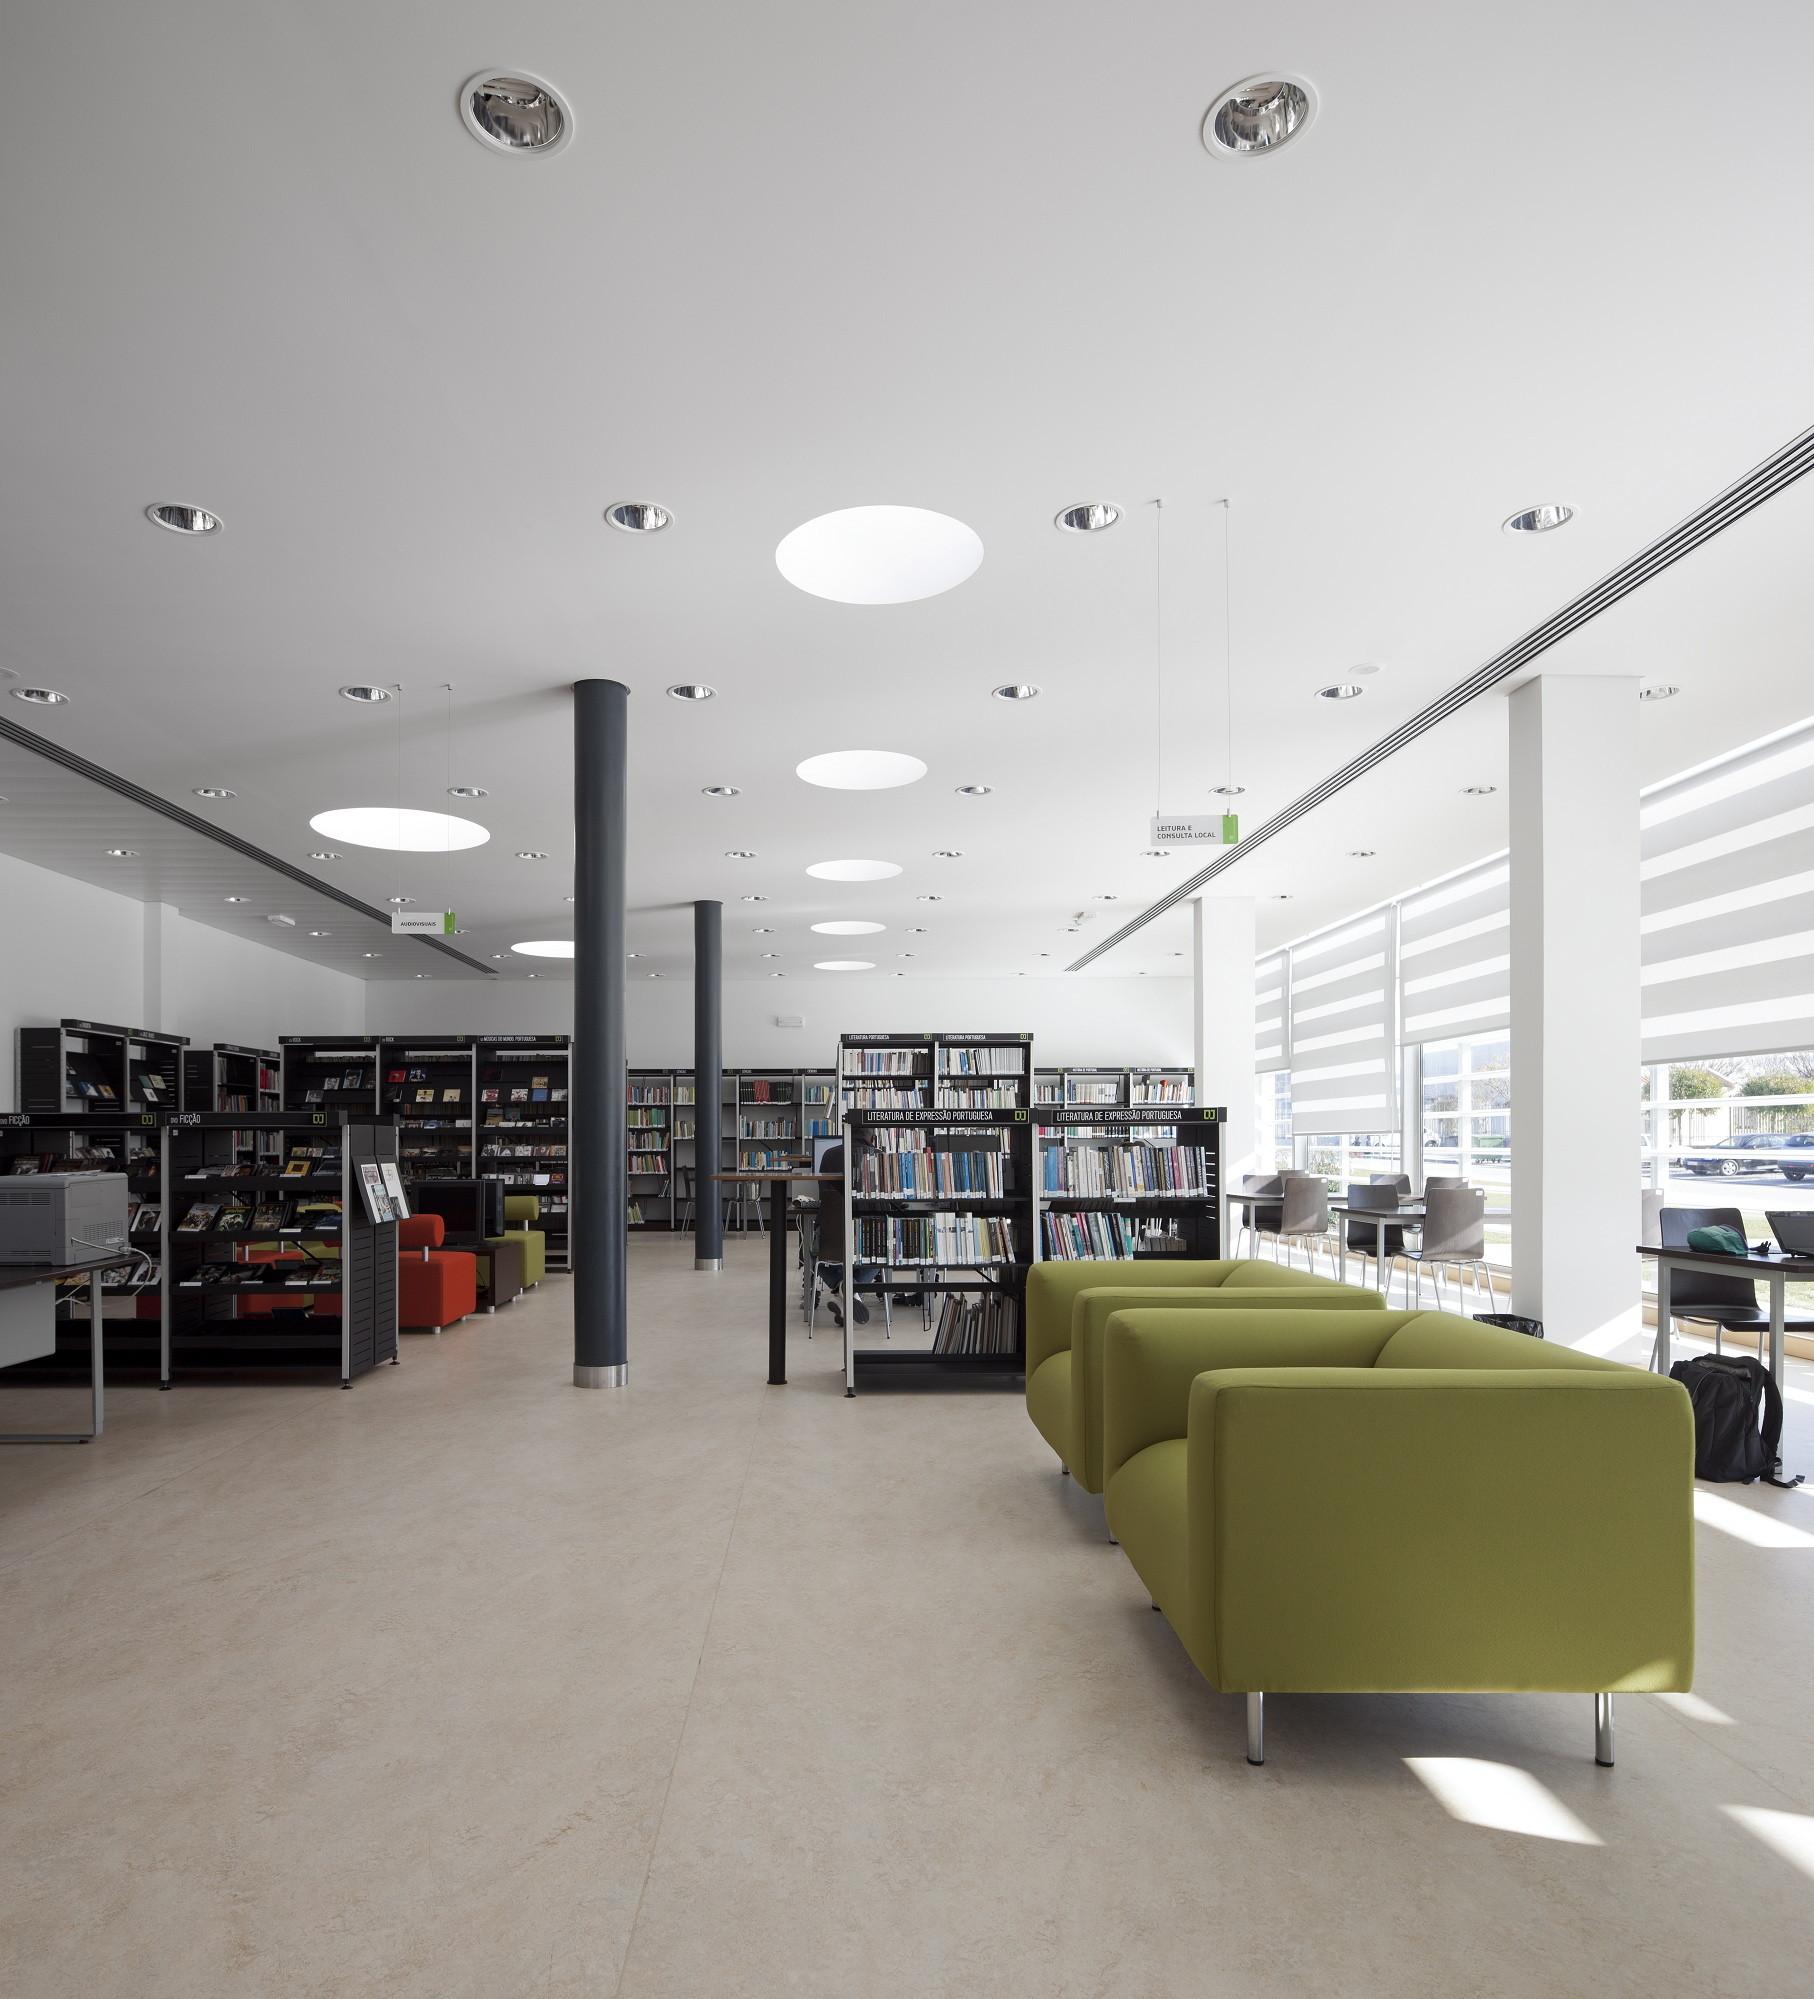 Condeixa Public Library / Sitios e Formas